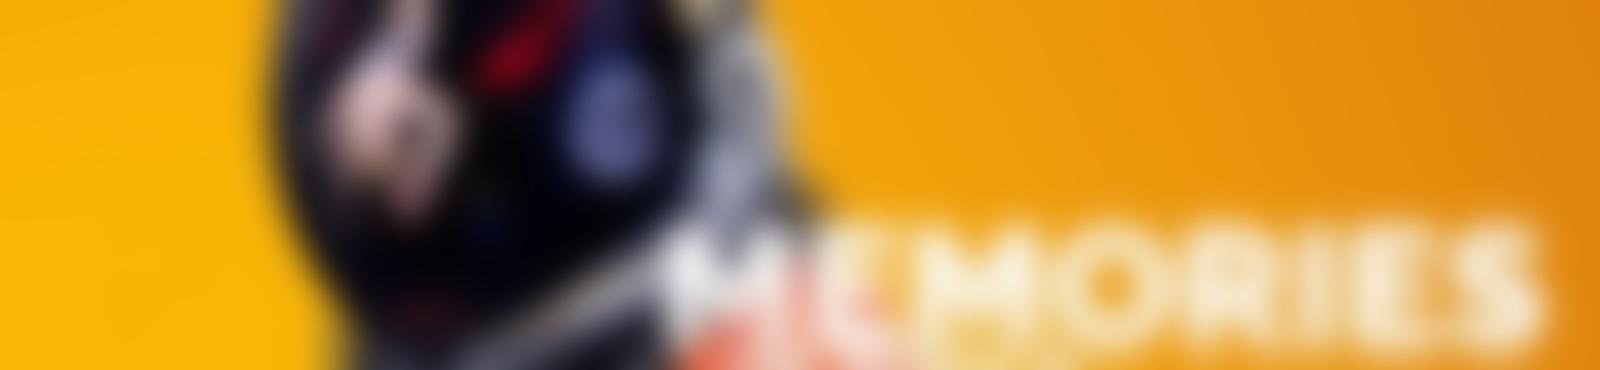 Blurred 5f13e5e5 b16c 4744 890b c1e4d6d4f112